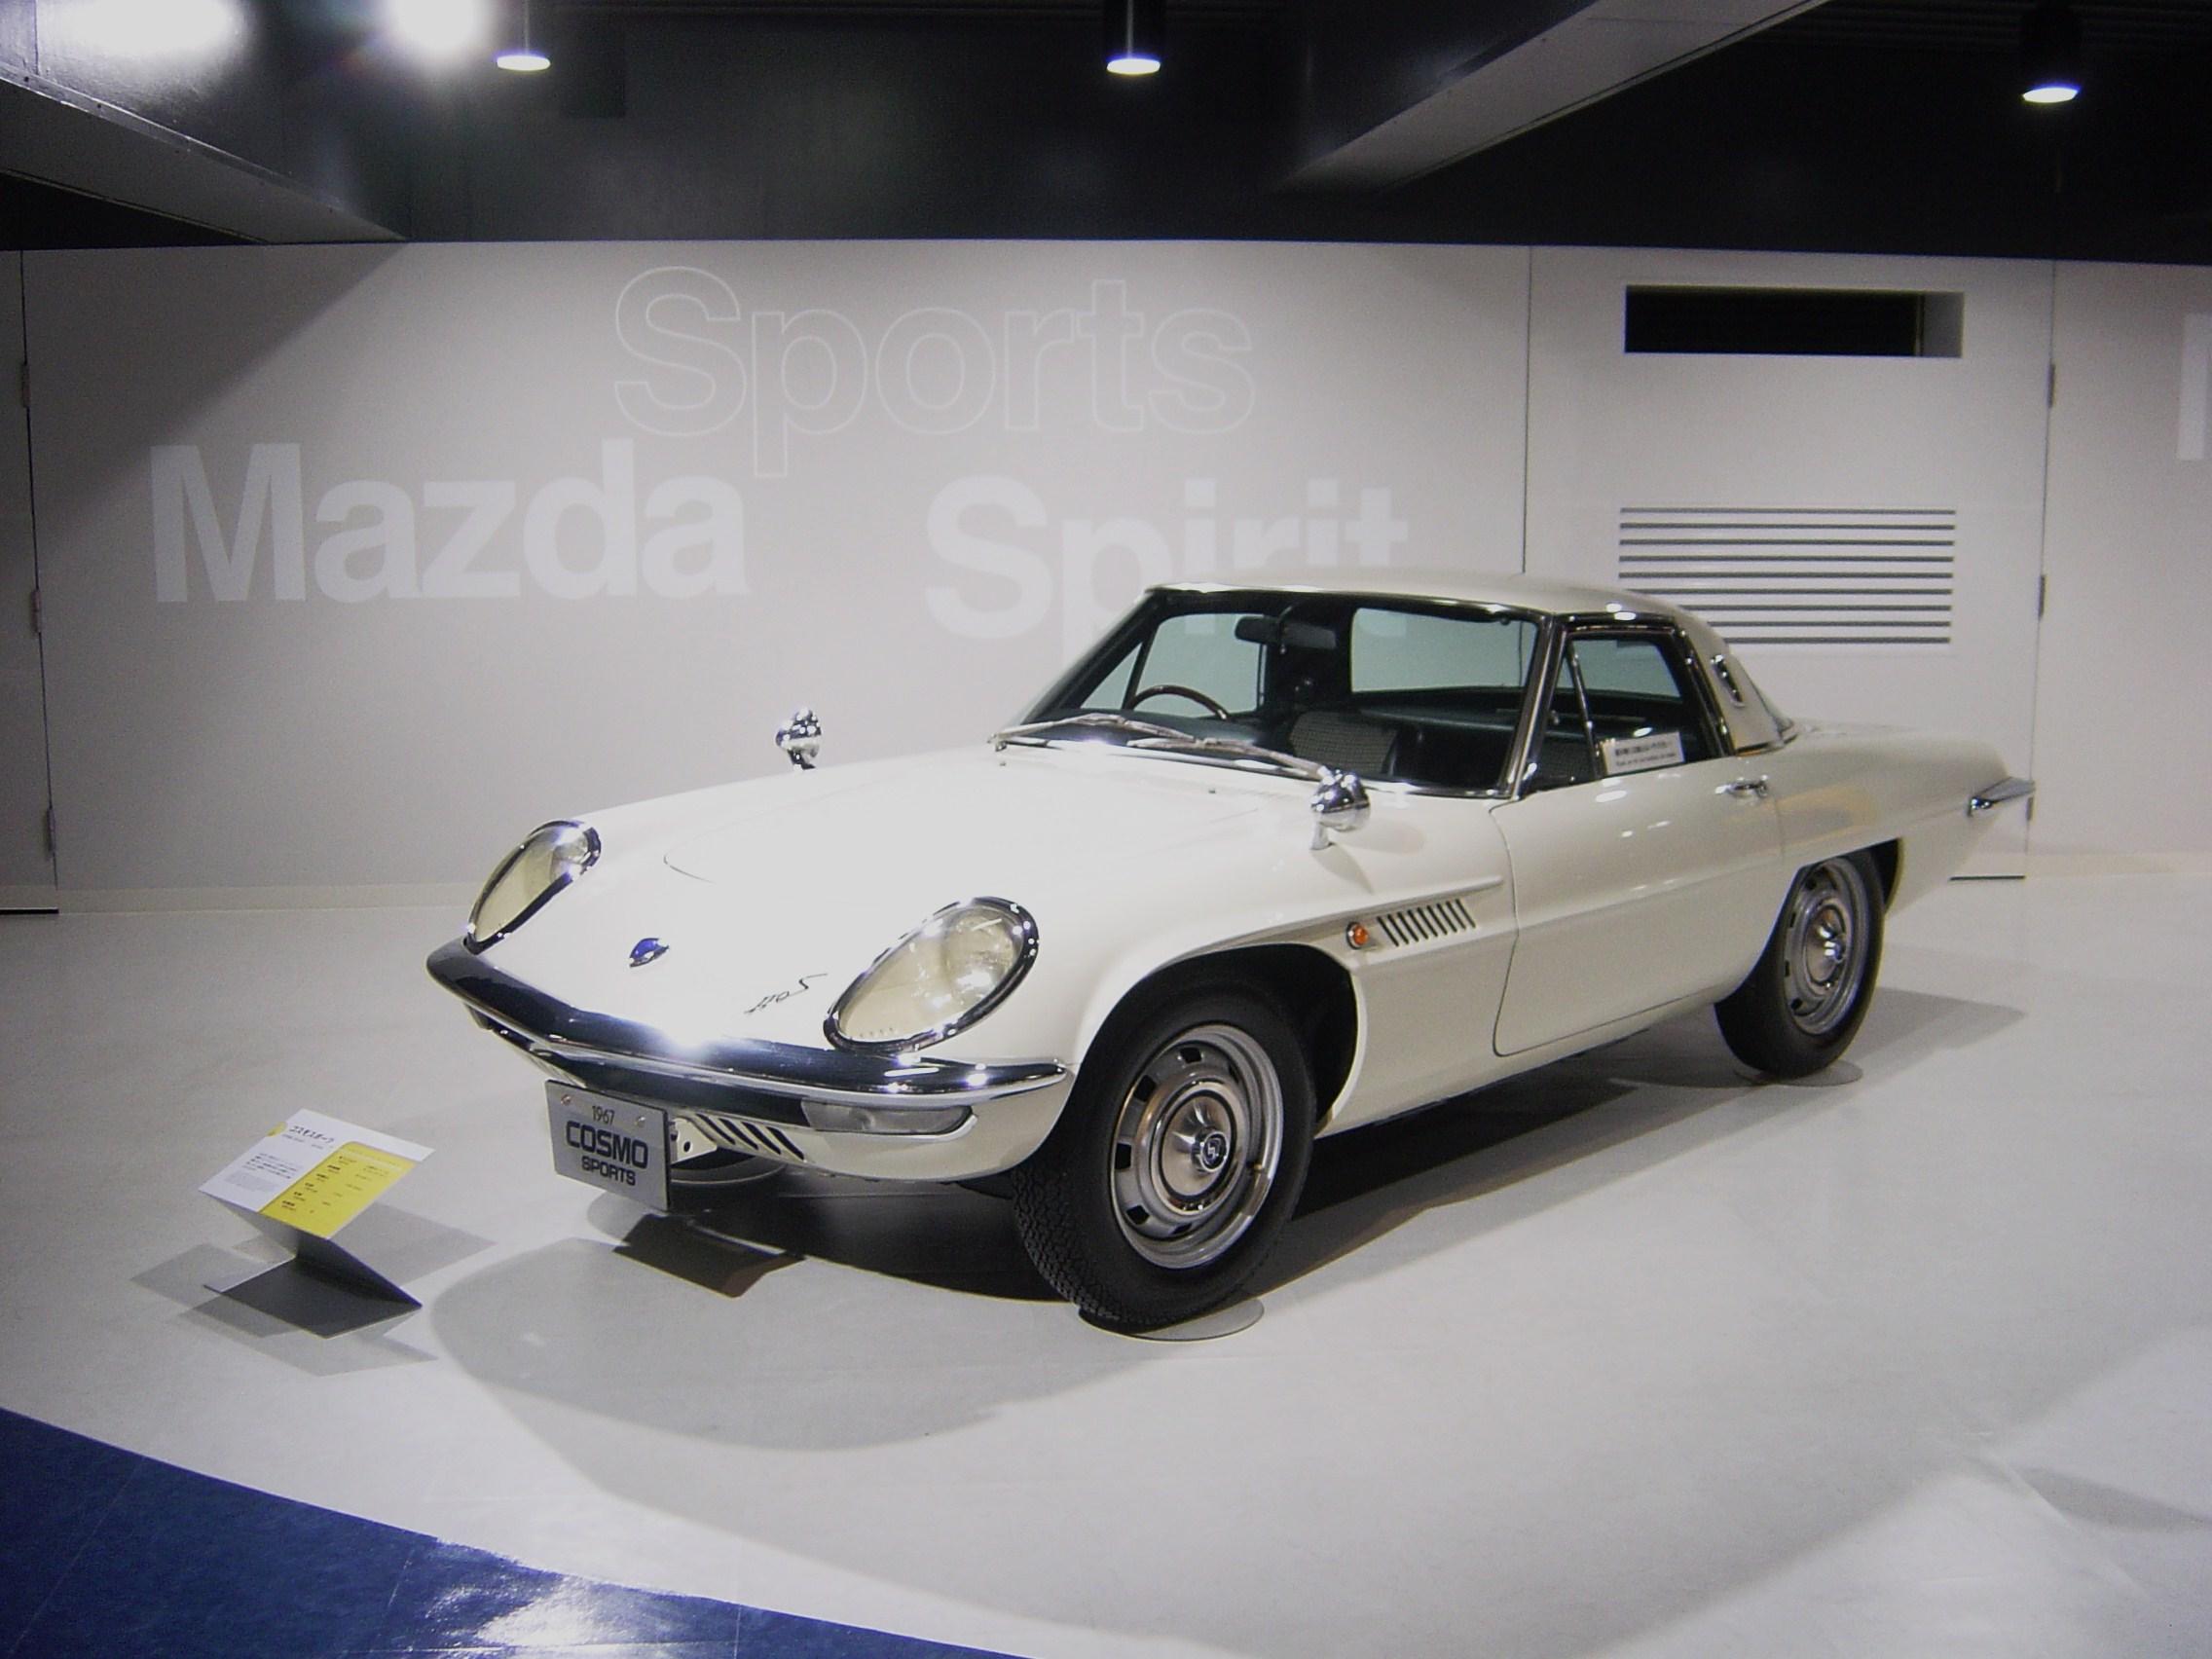 1970s Mazda Cosmo Sport 110S -  Mazda Museum (2005)